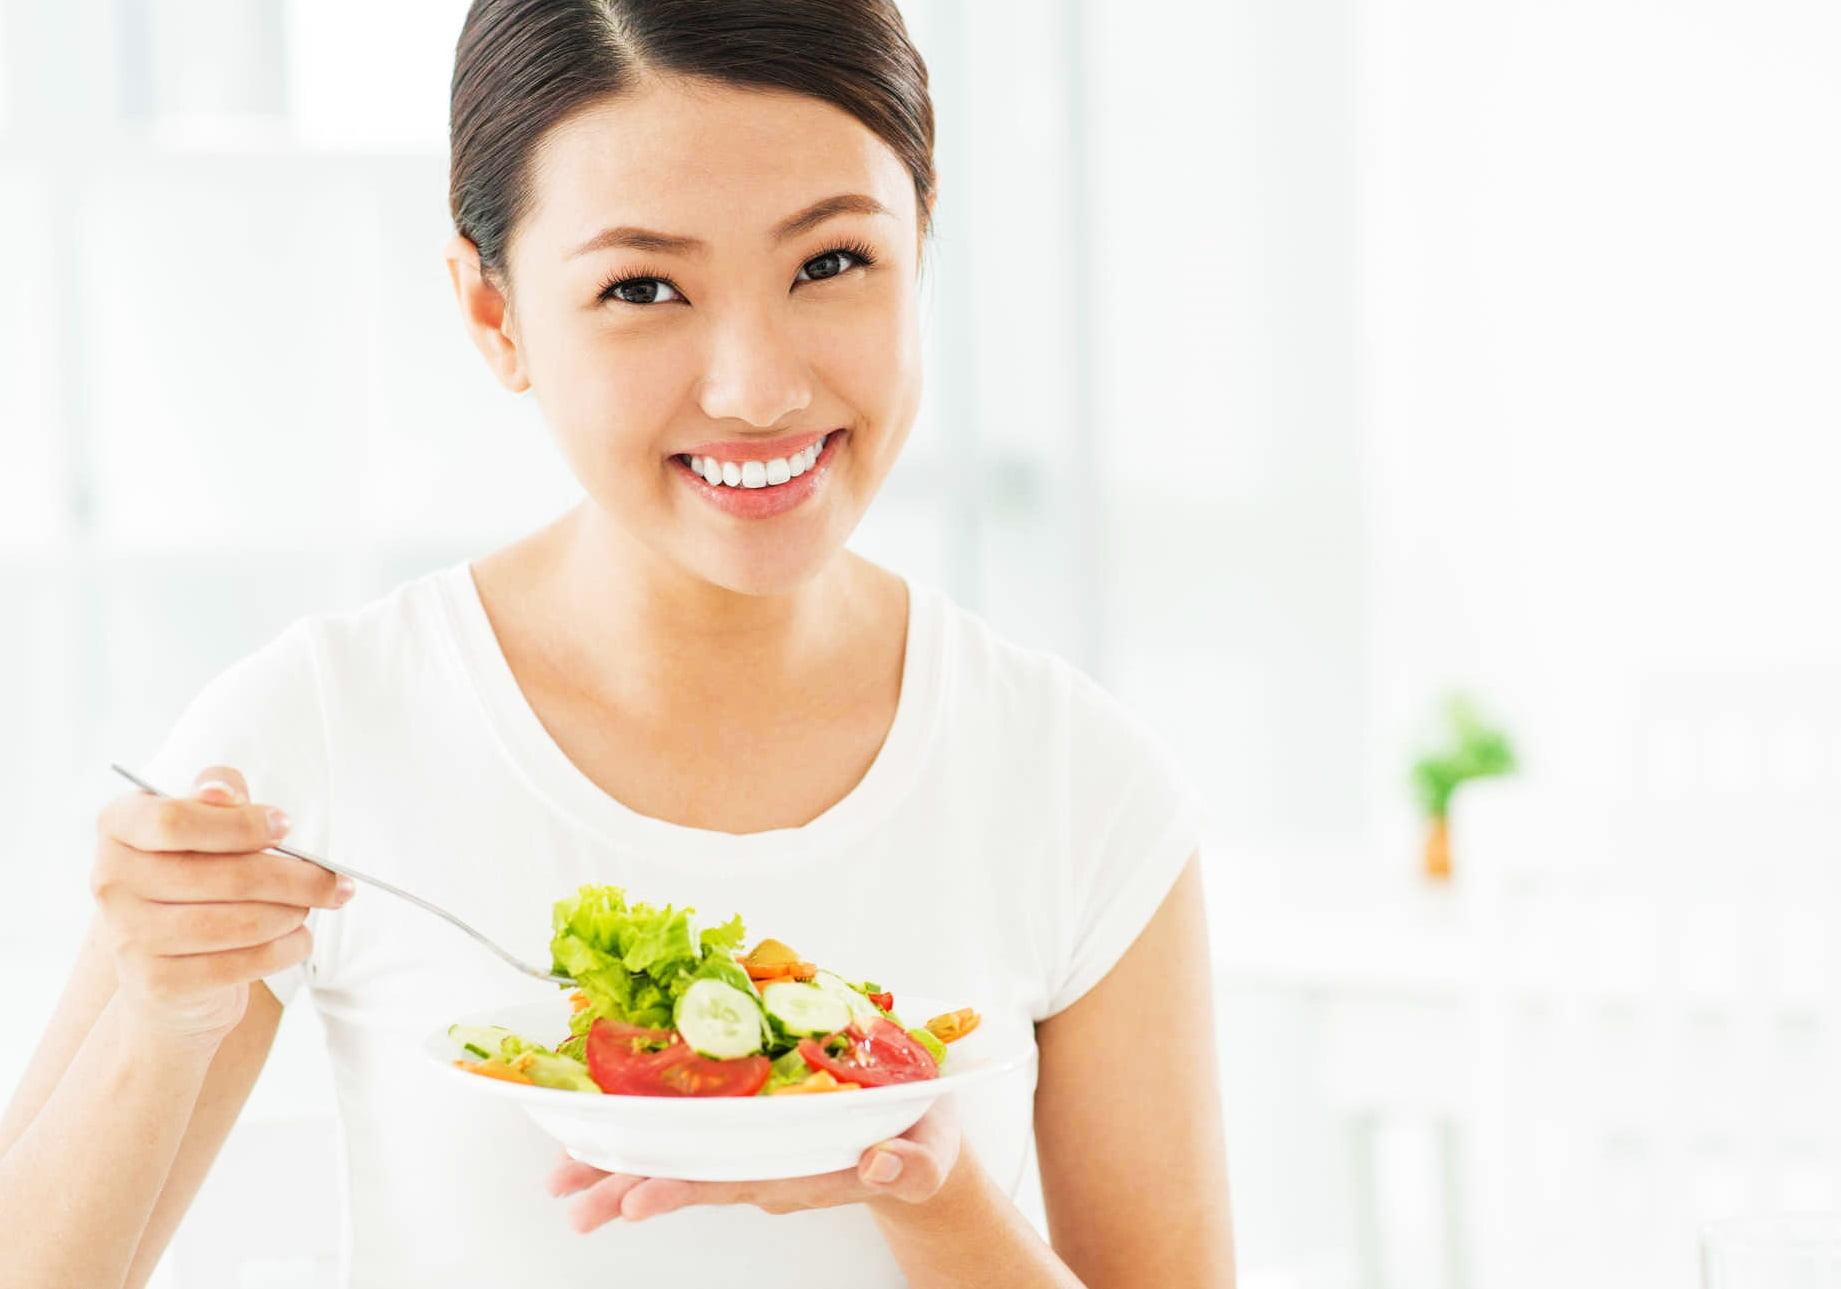 Phụ nữ ăn gì để dễ thụ thai?